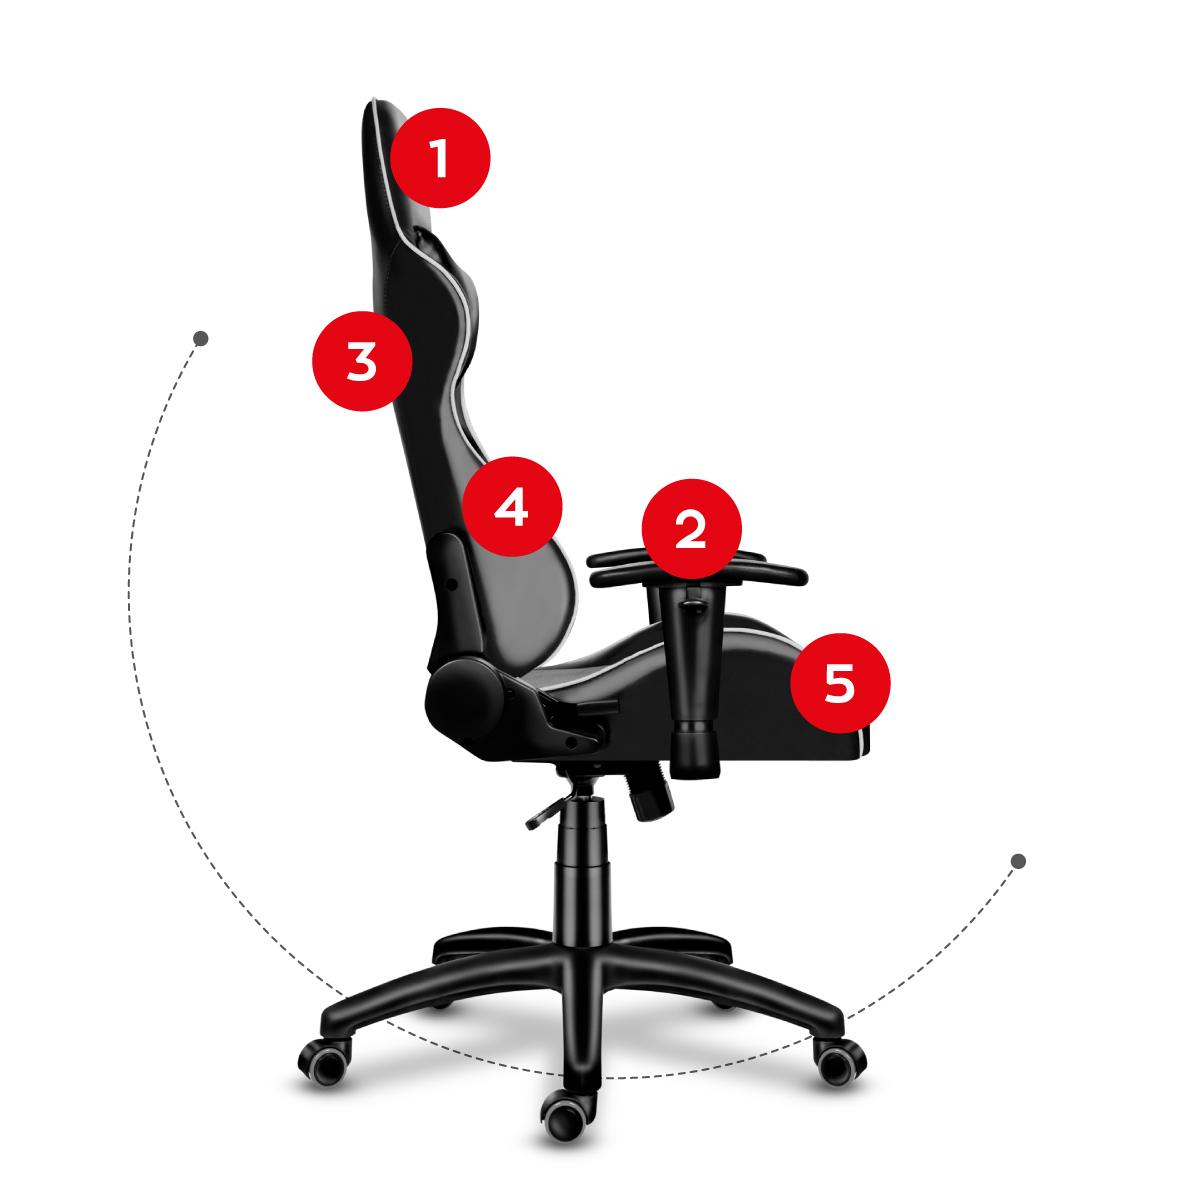 Права сторона сидіння Huzaro Force 6.0 Grey